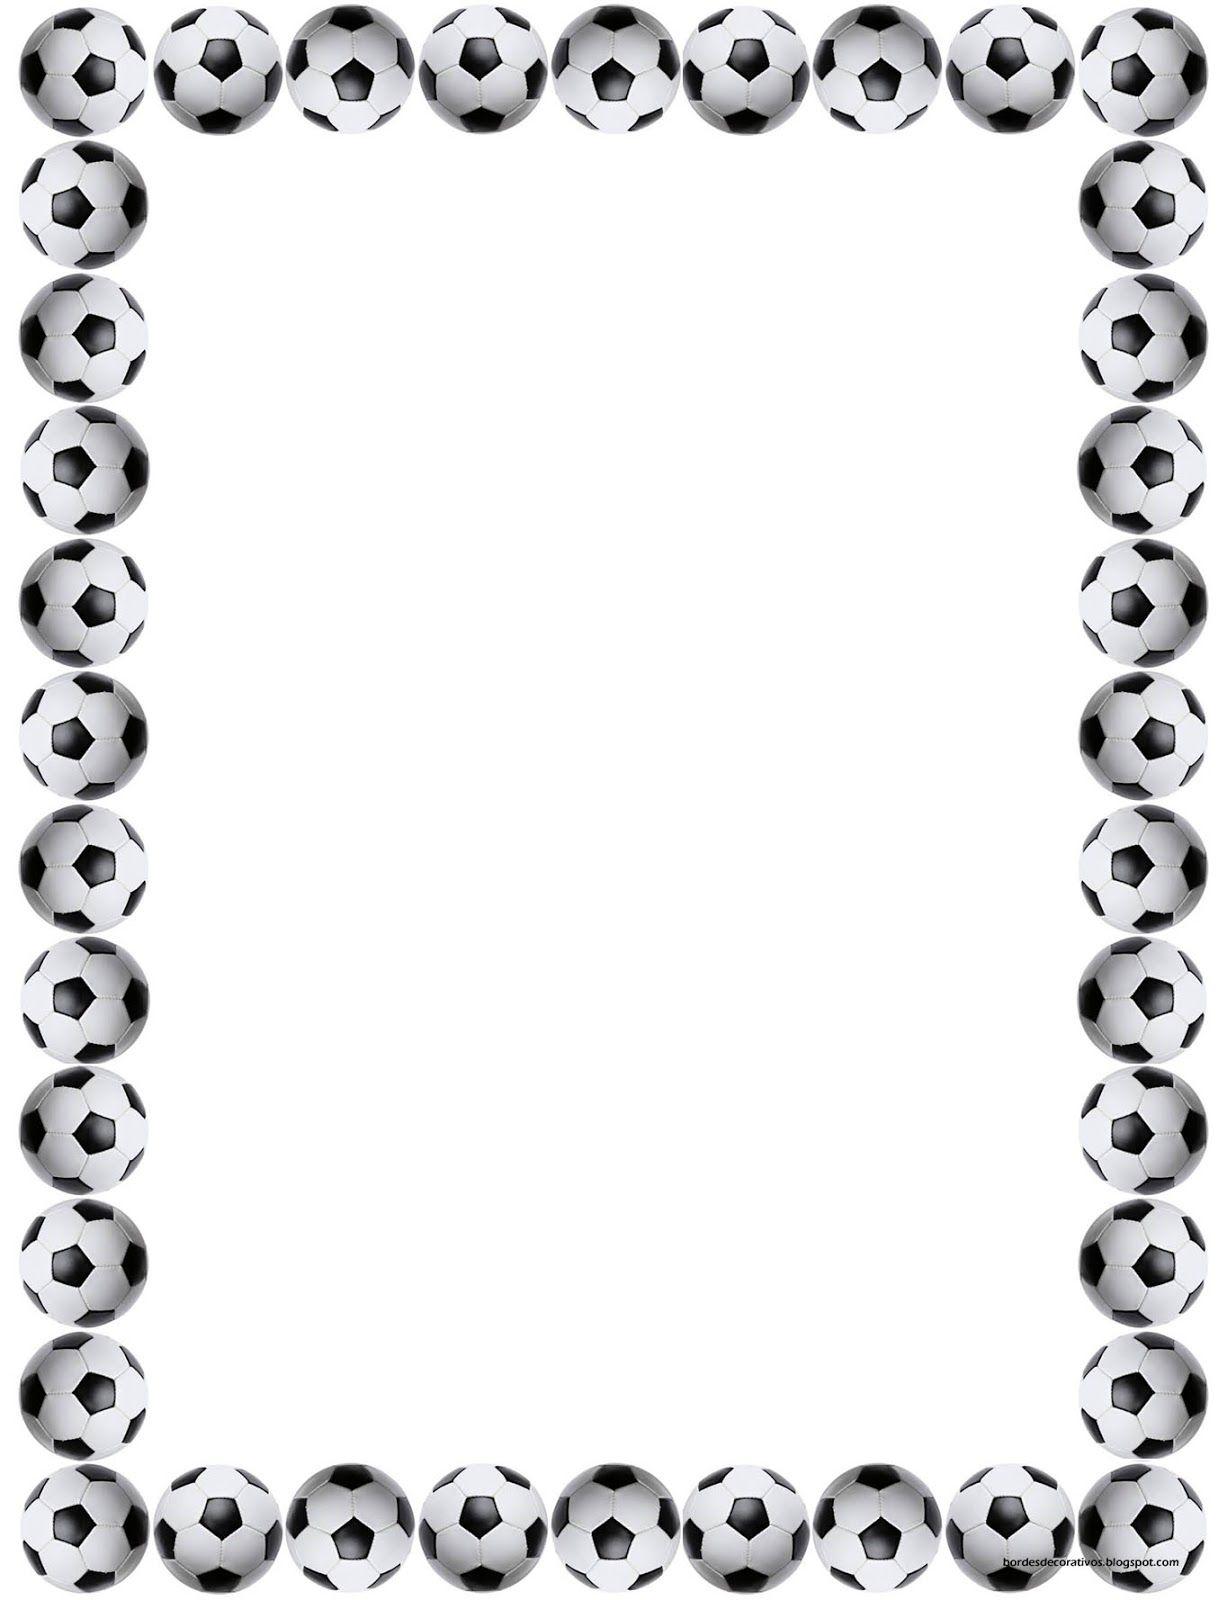 Dibujos de FÚTBOL para colorear Balón de Fútbol - Imagenes De ...